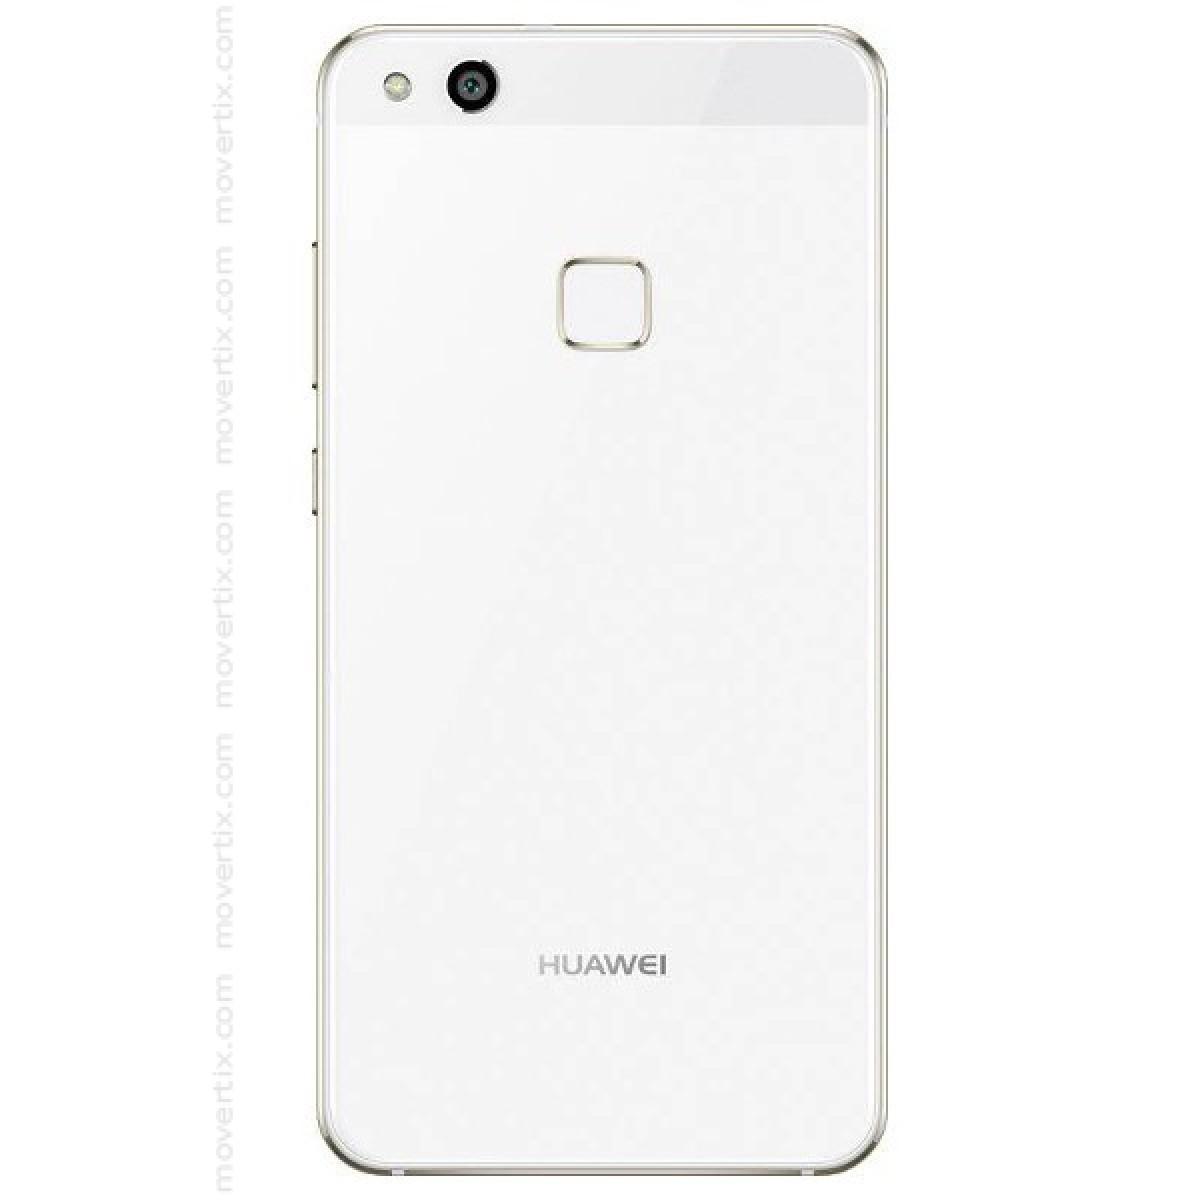 Huawei P10 Lite Dual Sim En Blanco on Nokia 1200 Sim